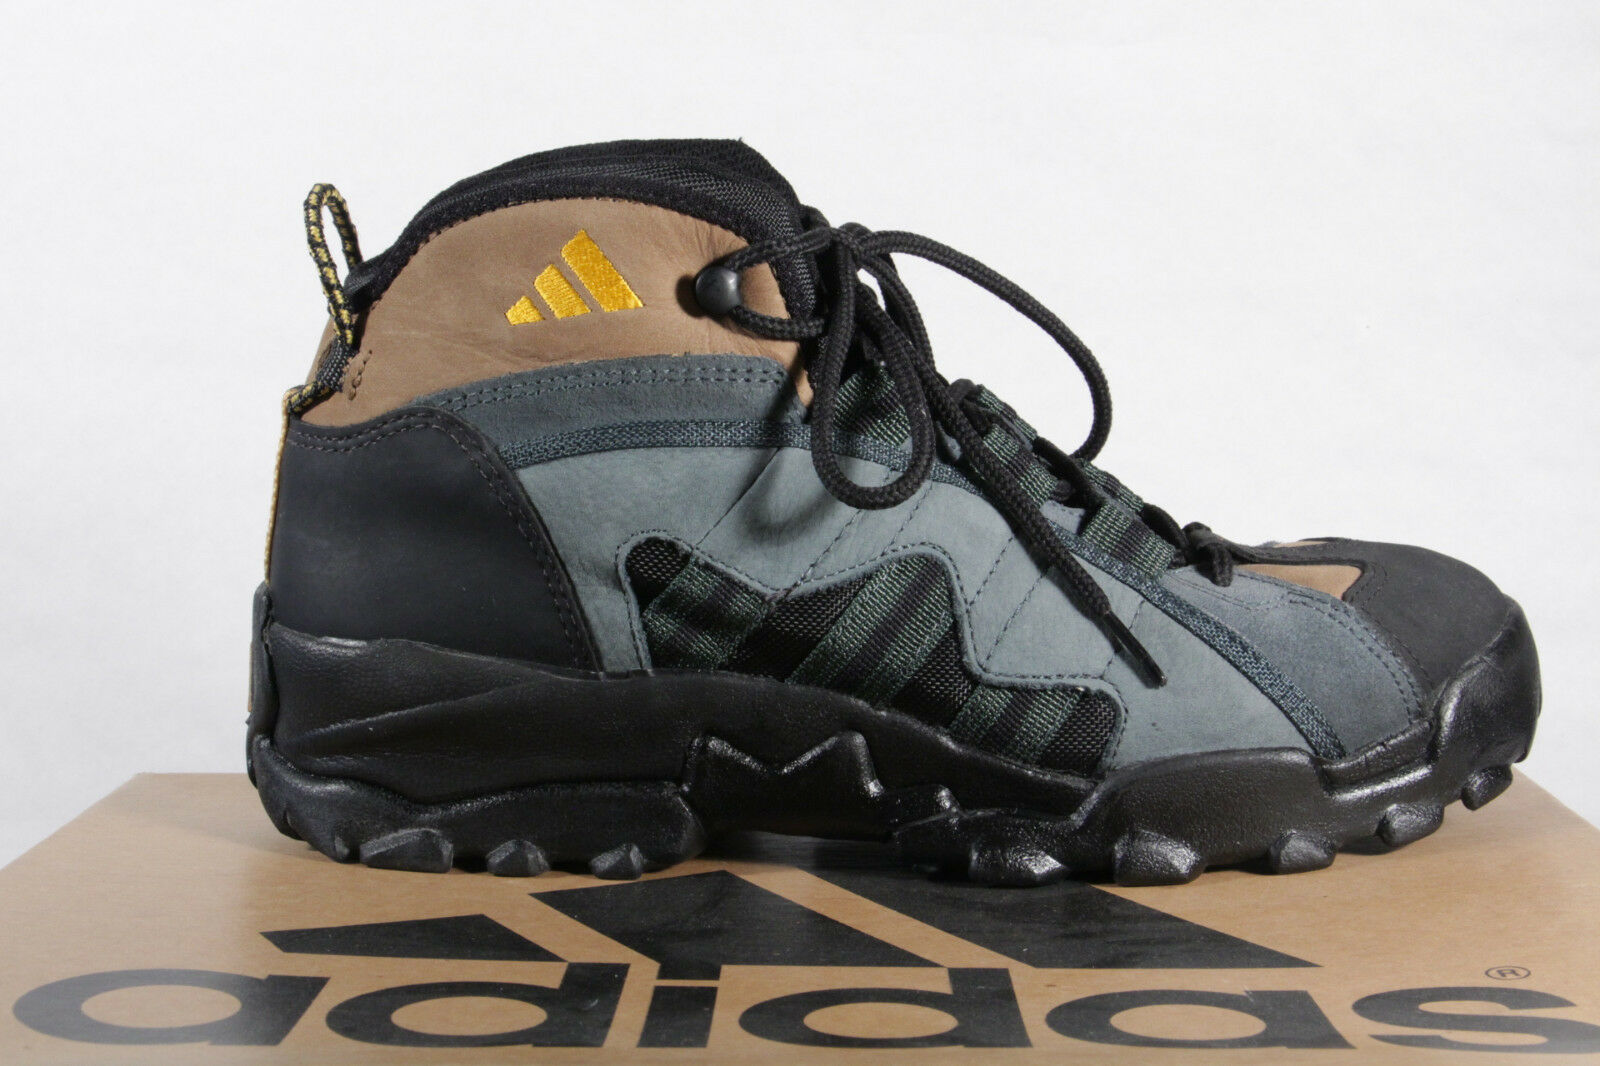 Adidas Herren Wanderstiefel 078433A3 A3 Leder grün/braun/schwarz  078433A3 Wanderstiefel  Neu!! 0e344e